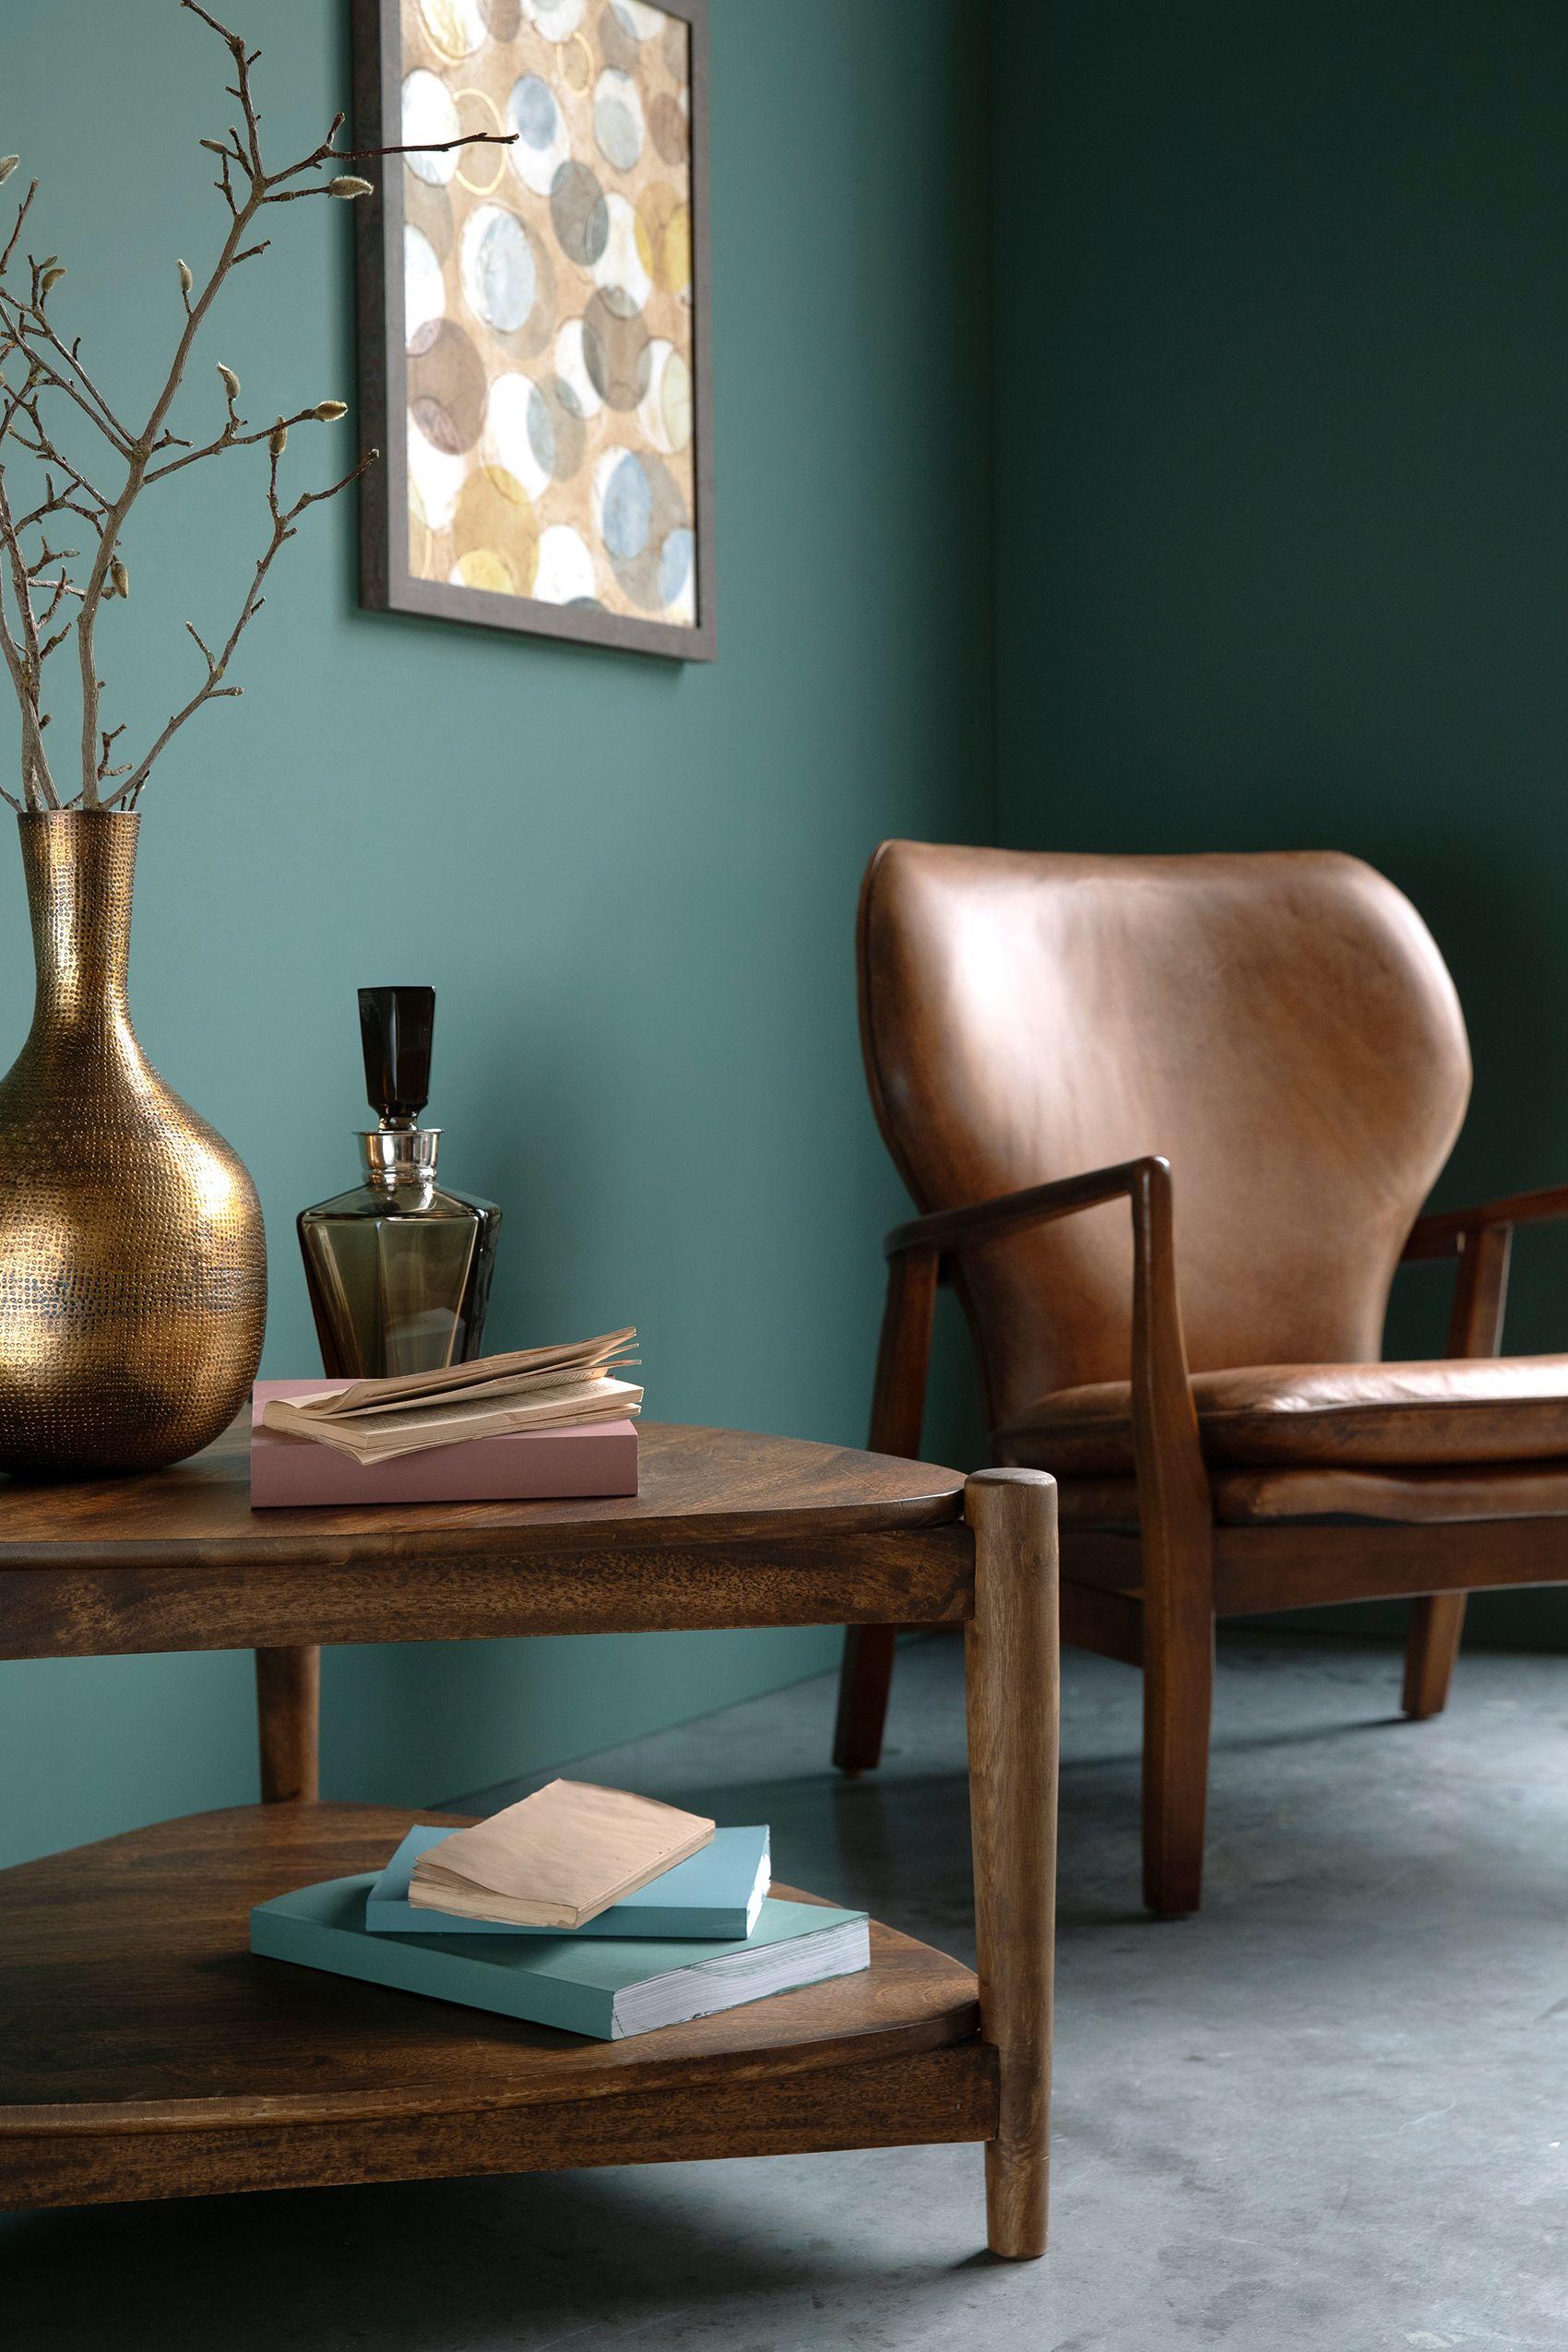 Teintes Flamant By Tollens 2020 En 2020 Decoration Maison Deco Interieure Flamant